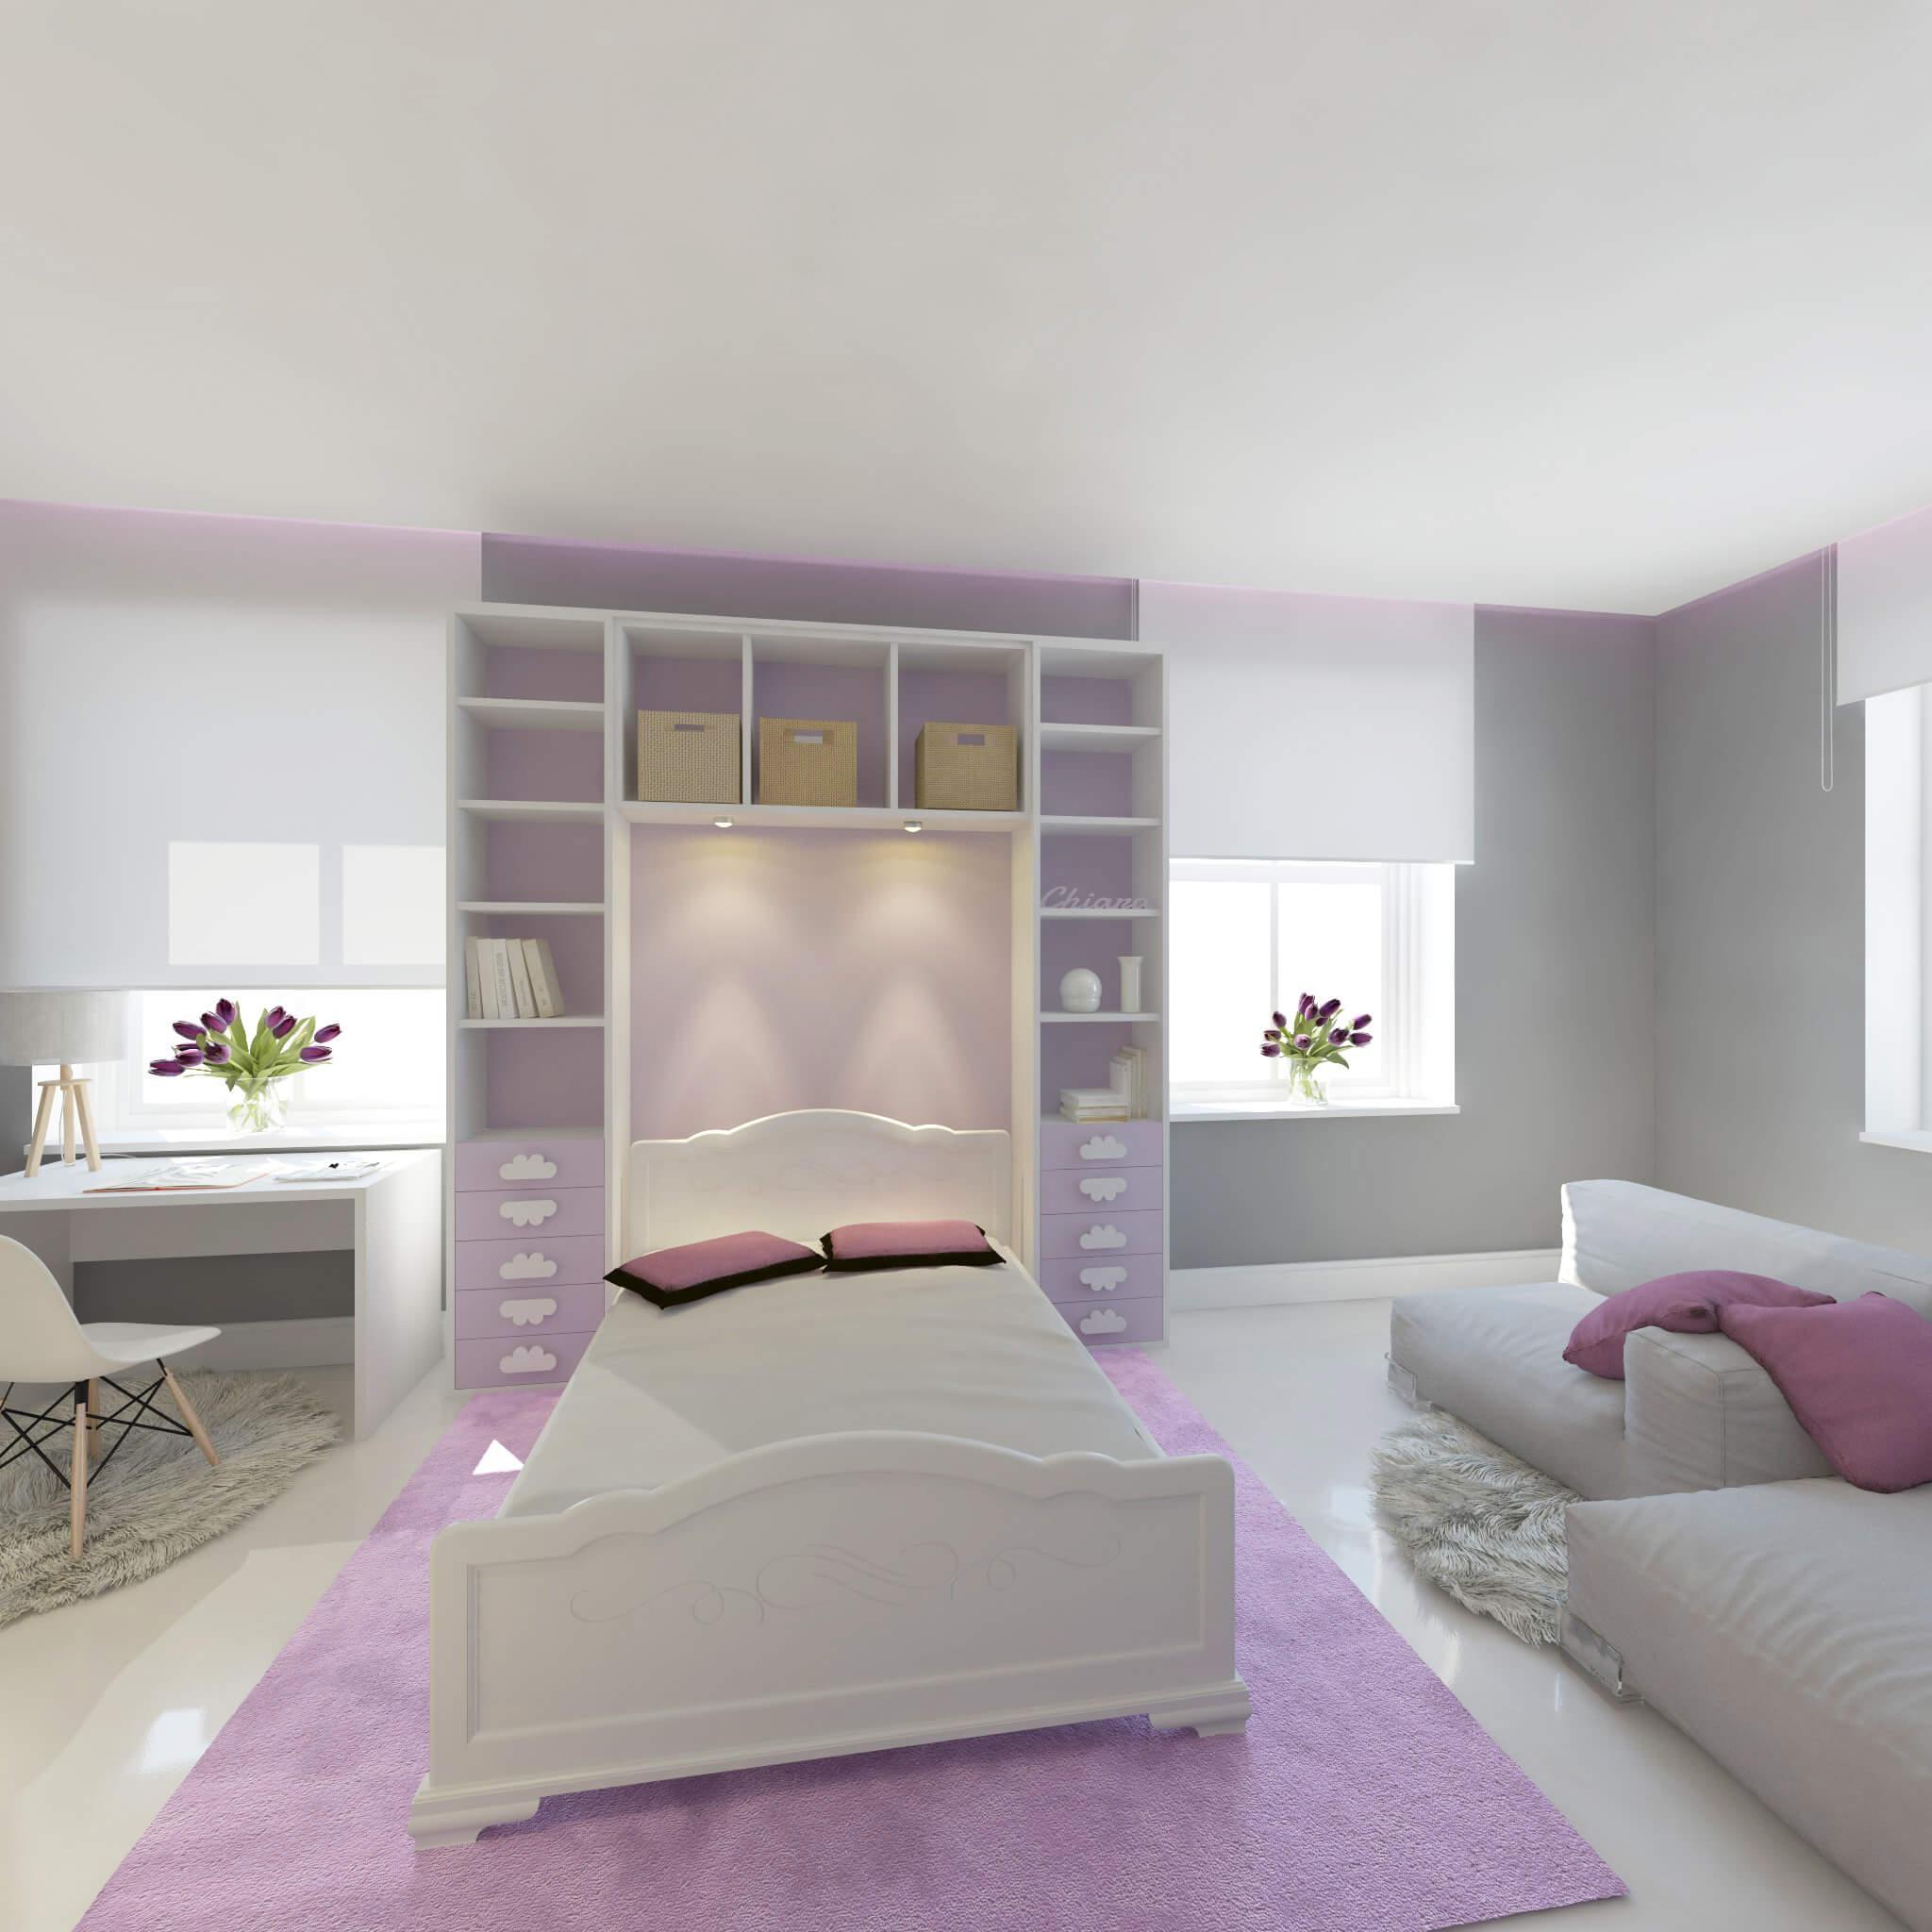 Moderne Schlafzimmer - Elegant Und Komfortabel